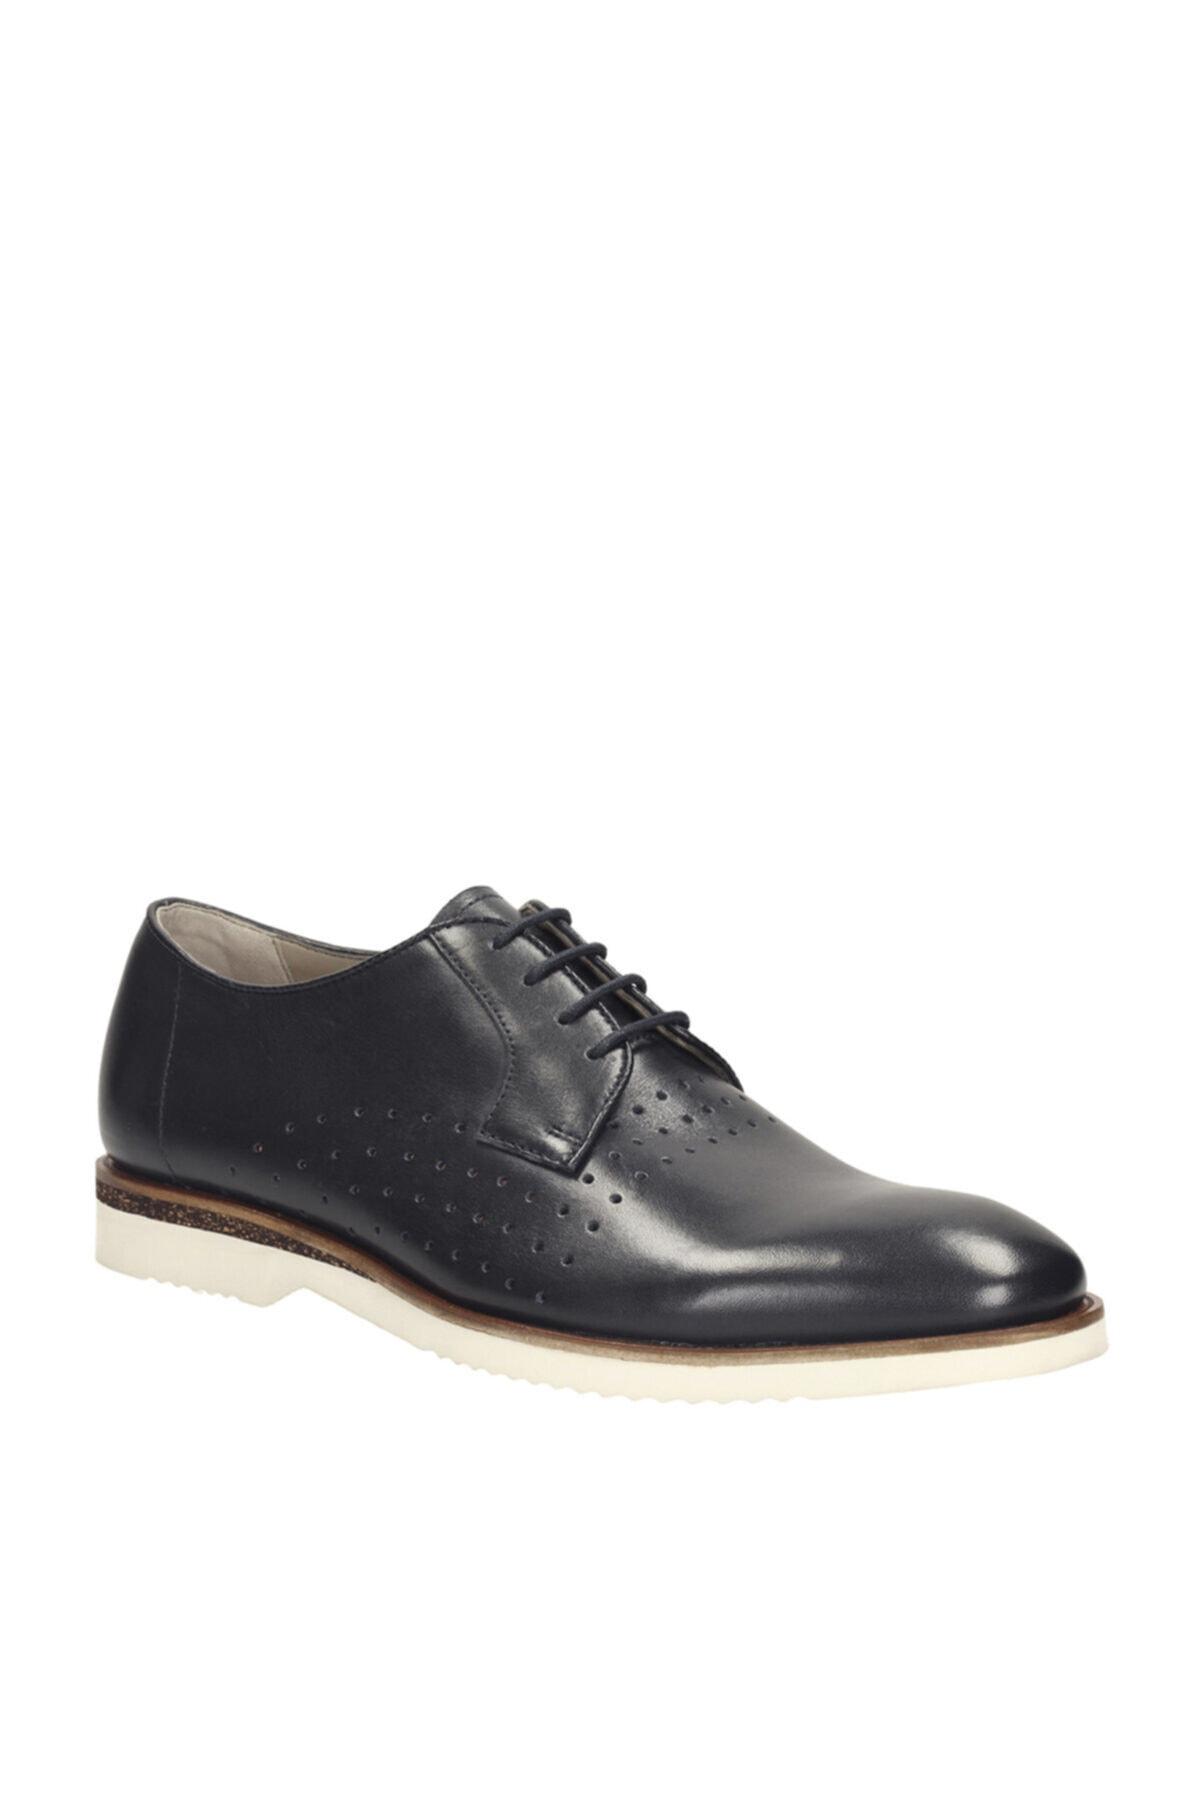 CLARKS Hakiki Deri Lacivert Erkek Ayakkabı 261142717 1